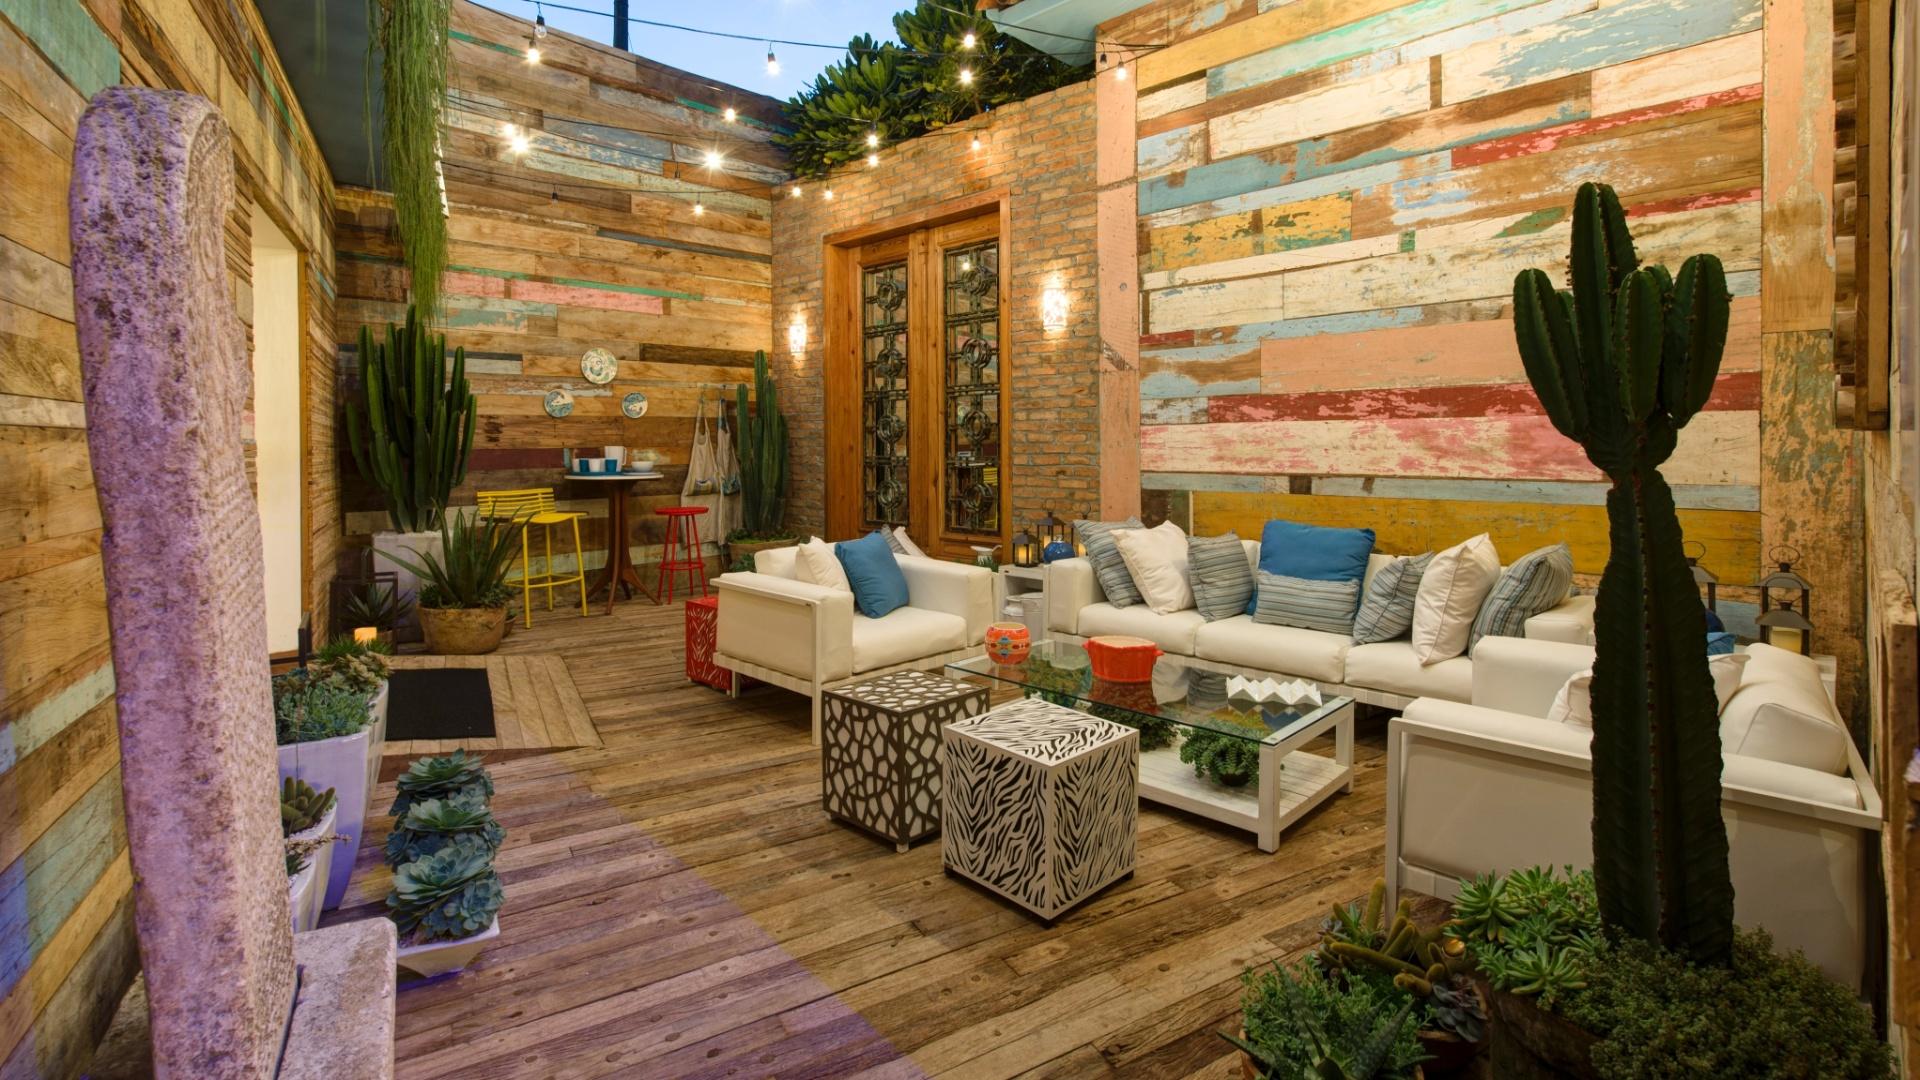 decoracao de interiores blumenau: -casa-cor-sp-segue-ate-dia-21-de-julho-de-1372271536823_1920x1080.jpg